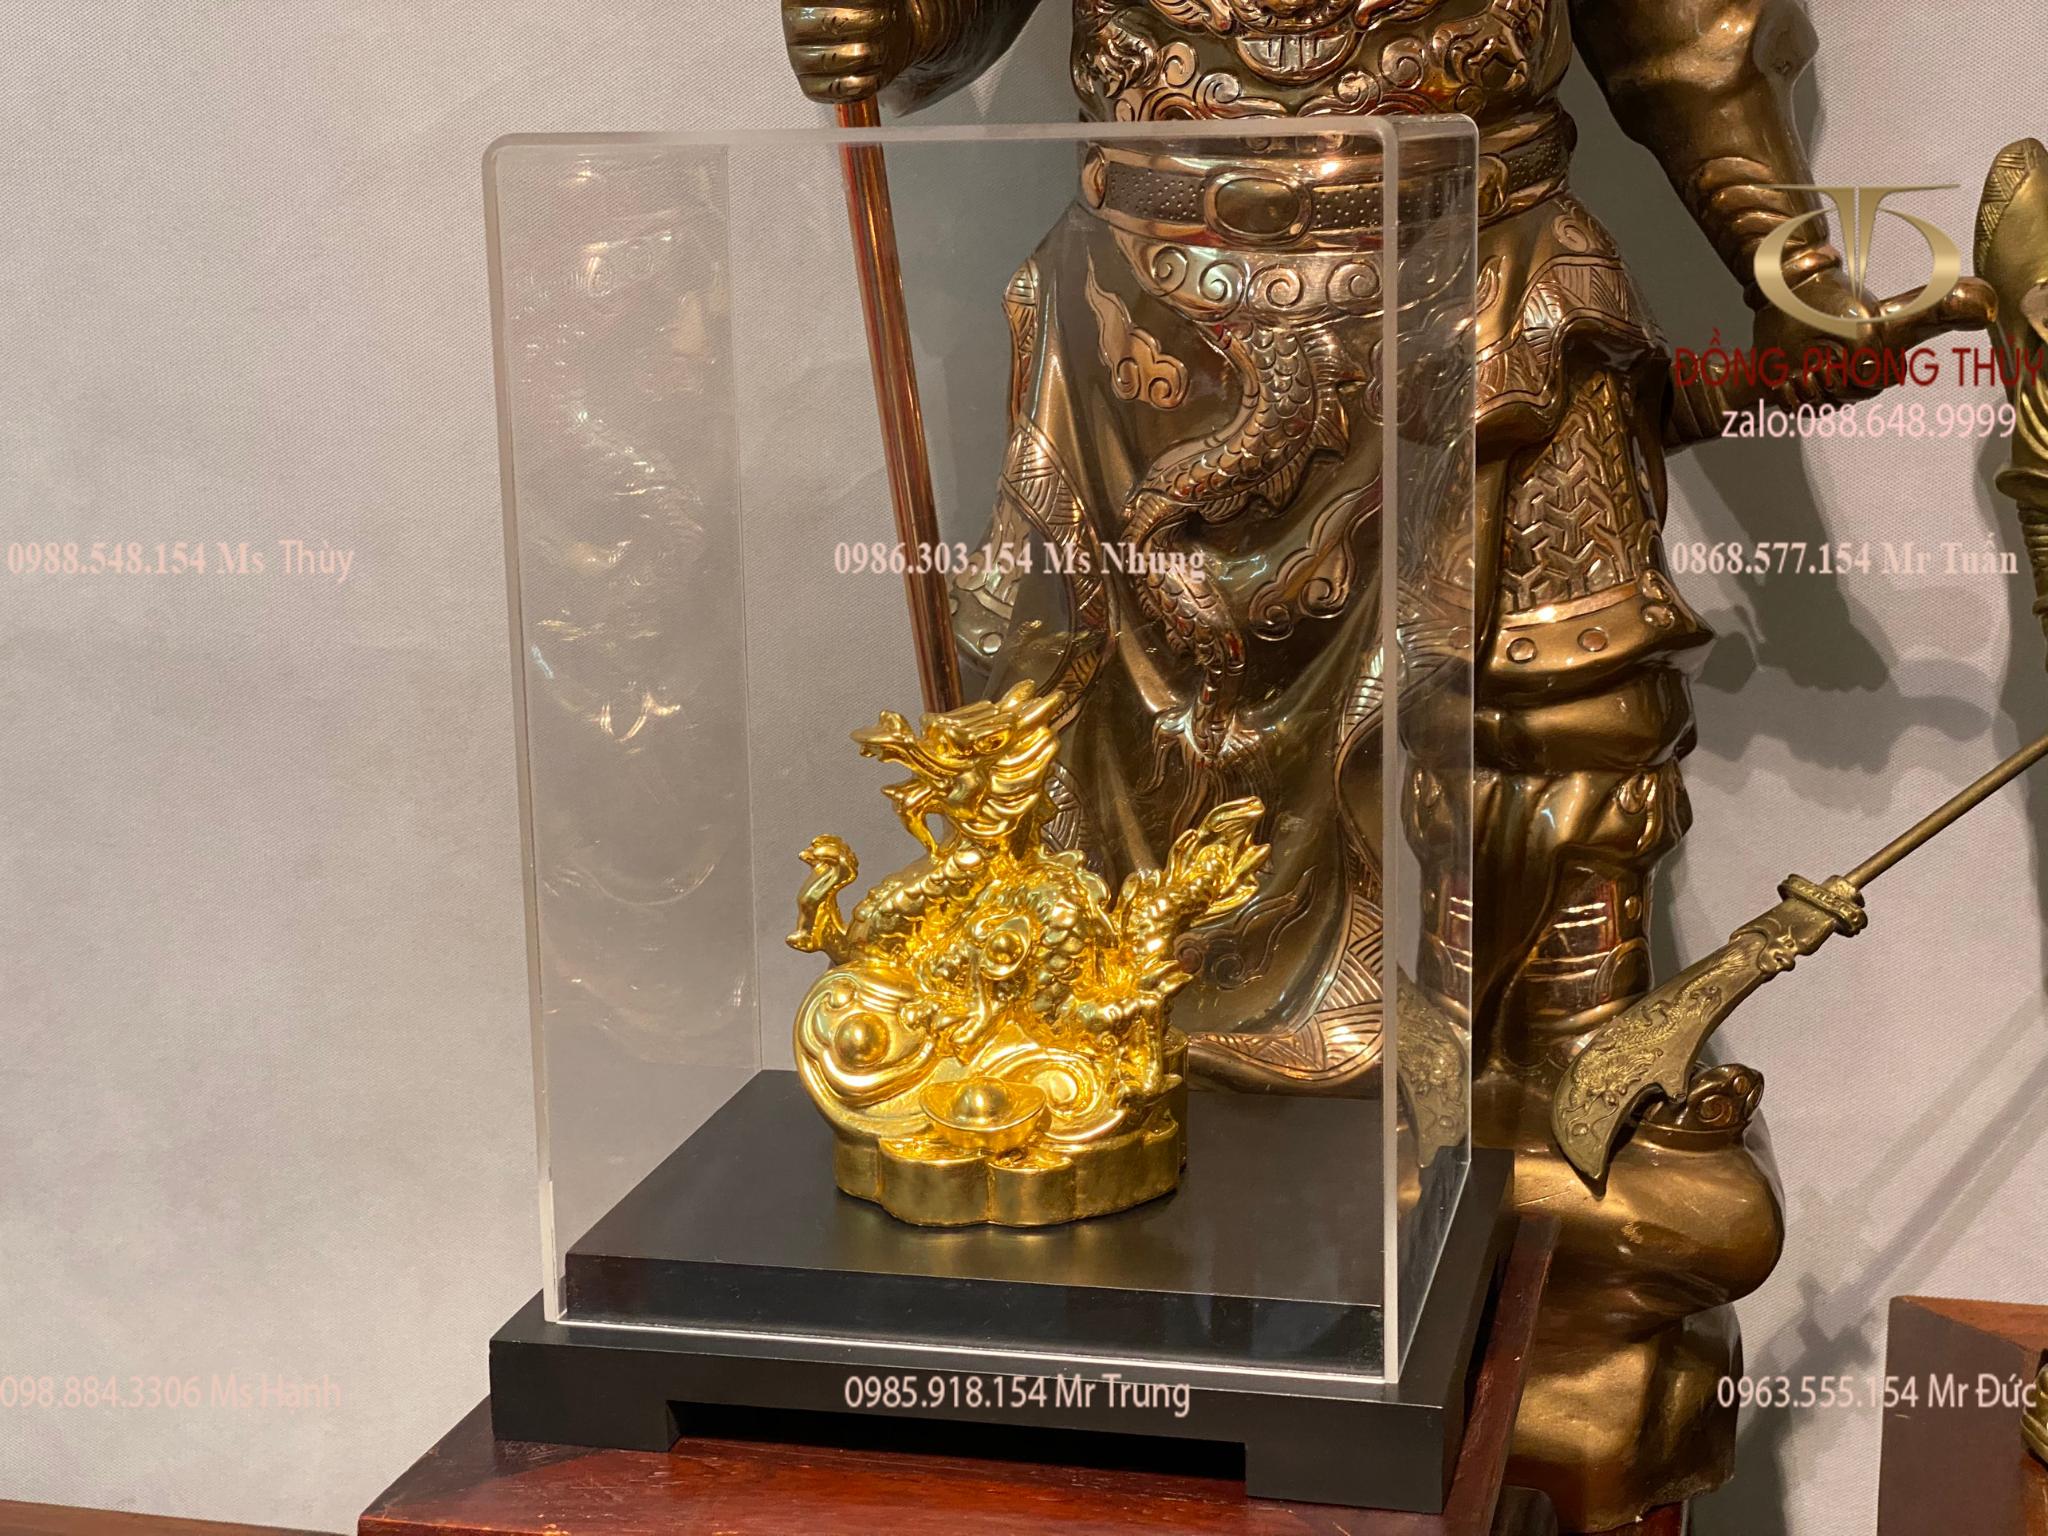 Quà tặng sếp tượng rồng phong thủy bằng đồng mạ vàng 24k